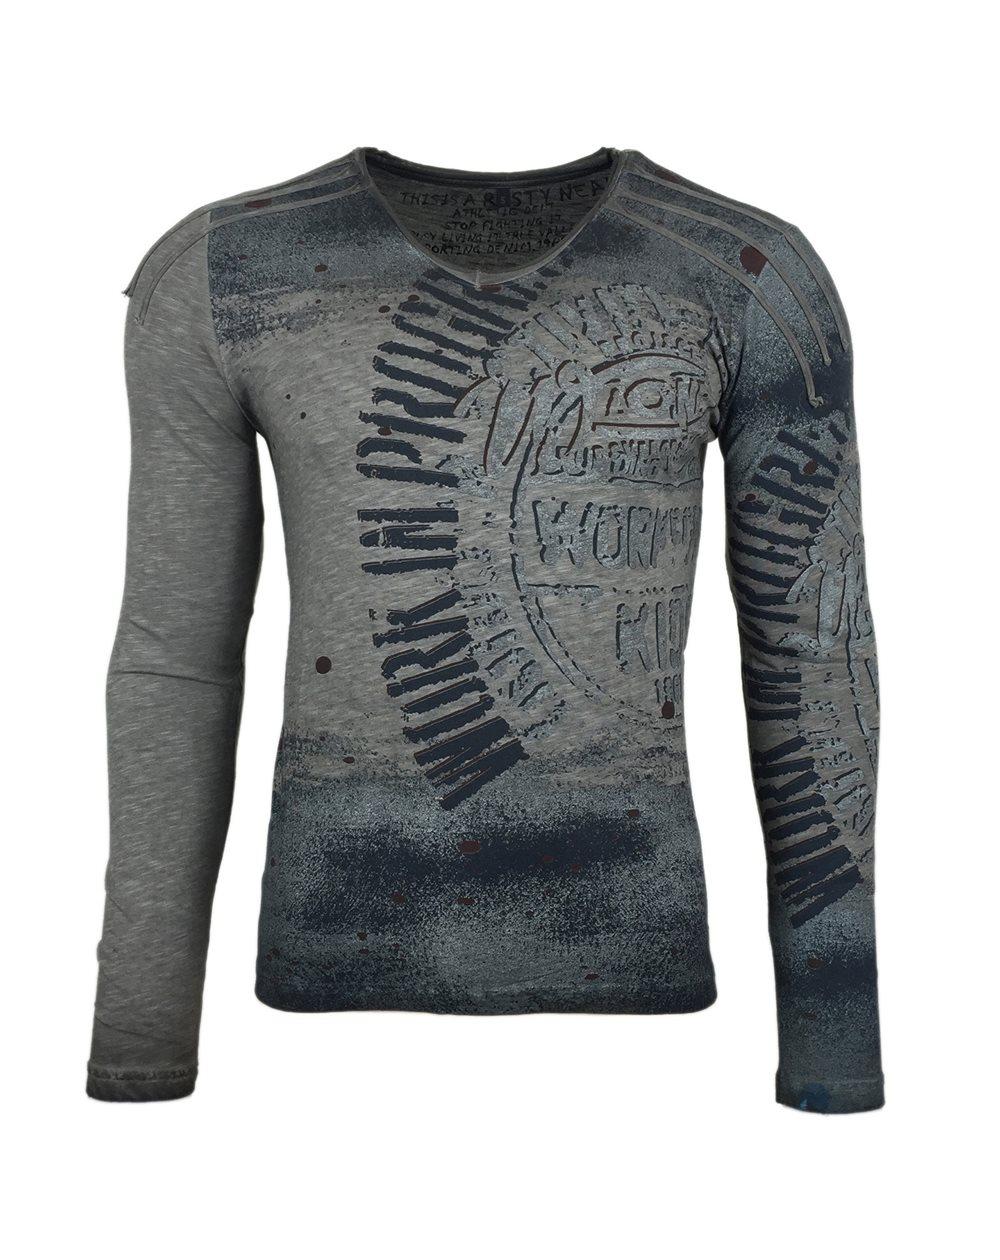 nouveau design rechercher les plus récents choisir véritable Subliminal Mode - Tee Shirt Delaver Homme Manches Longues Col V SB10109